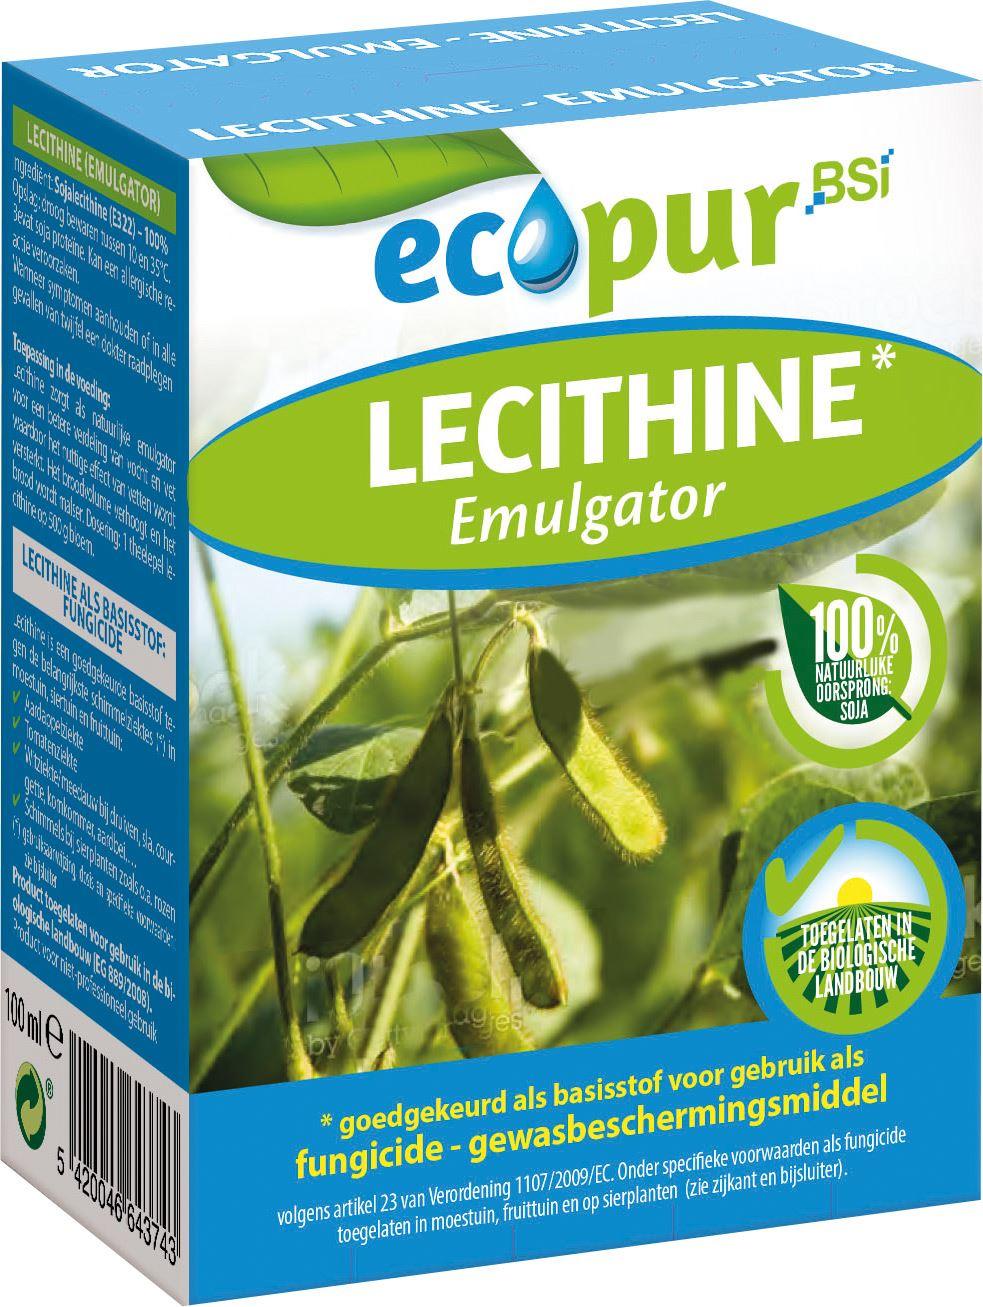 Ecopur-Lecithine-100ml-tegen-bladziekten-zoals-aardappelziekte-tomatenziekte-witziekte-krulziete-op-perik-en-valse-meeldauw